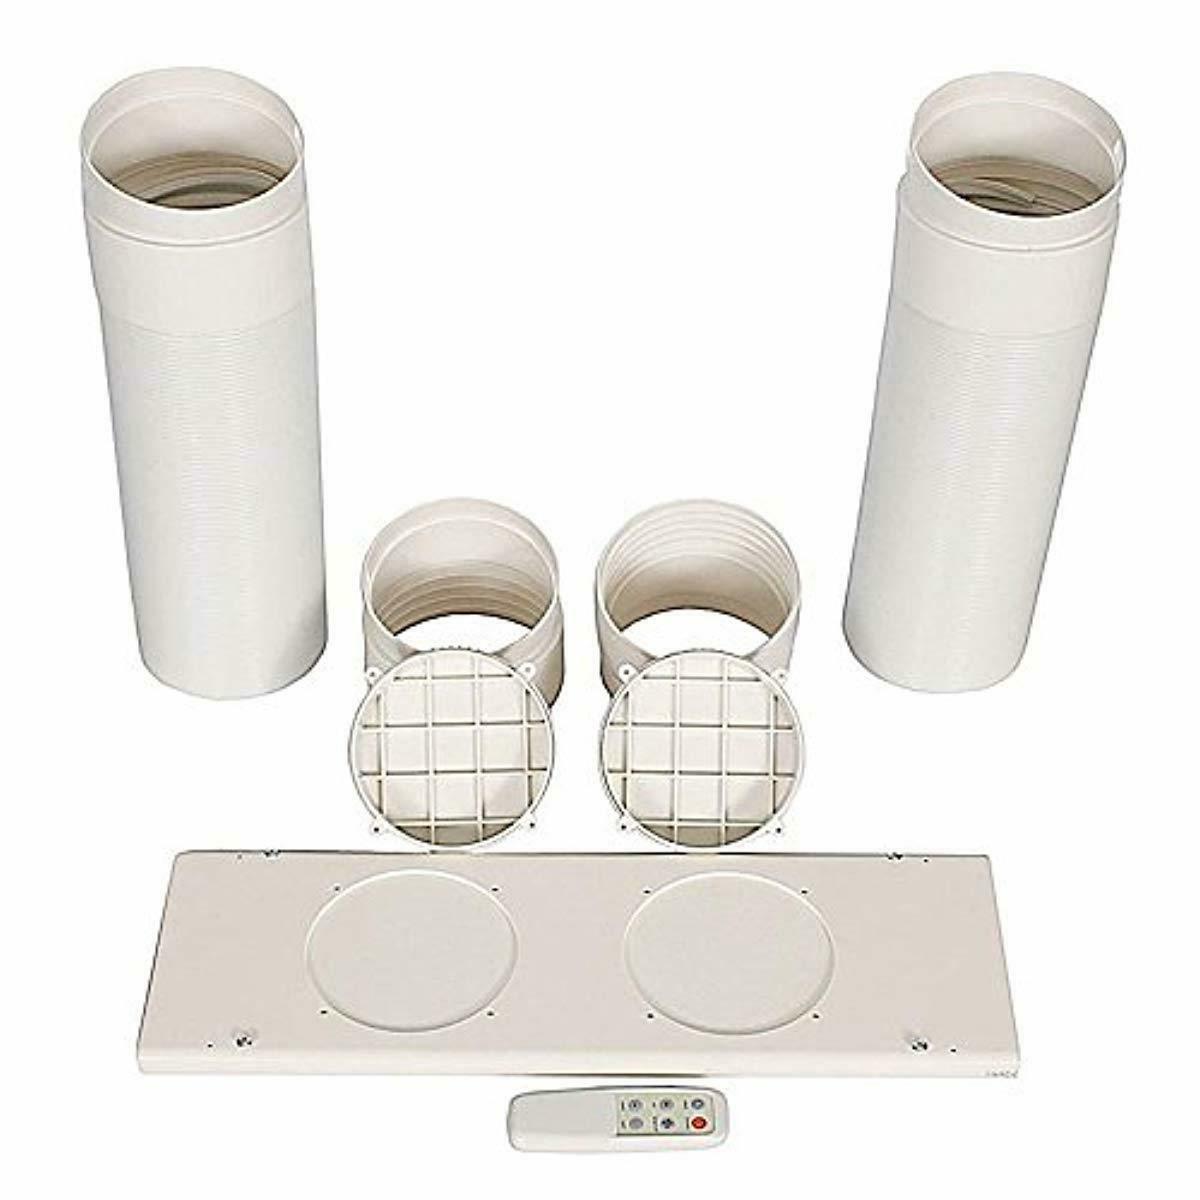 Whynter 14 000 Btu Dual Hose Portable Air Conditioner